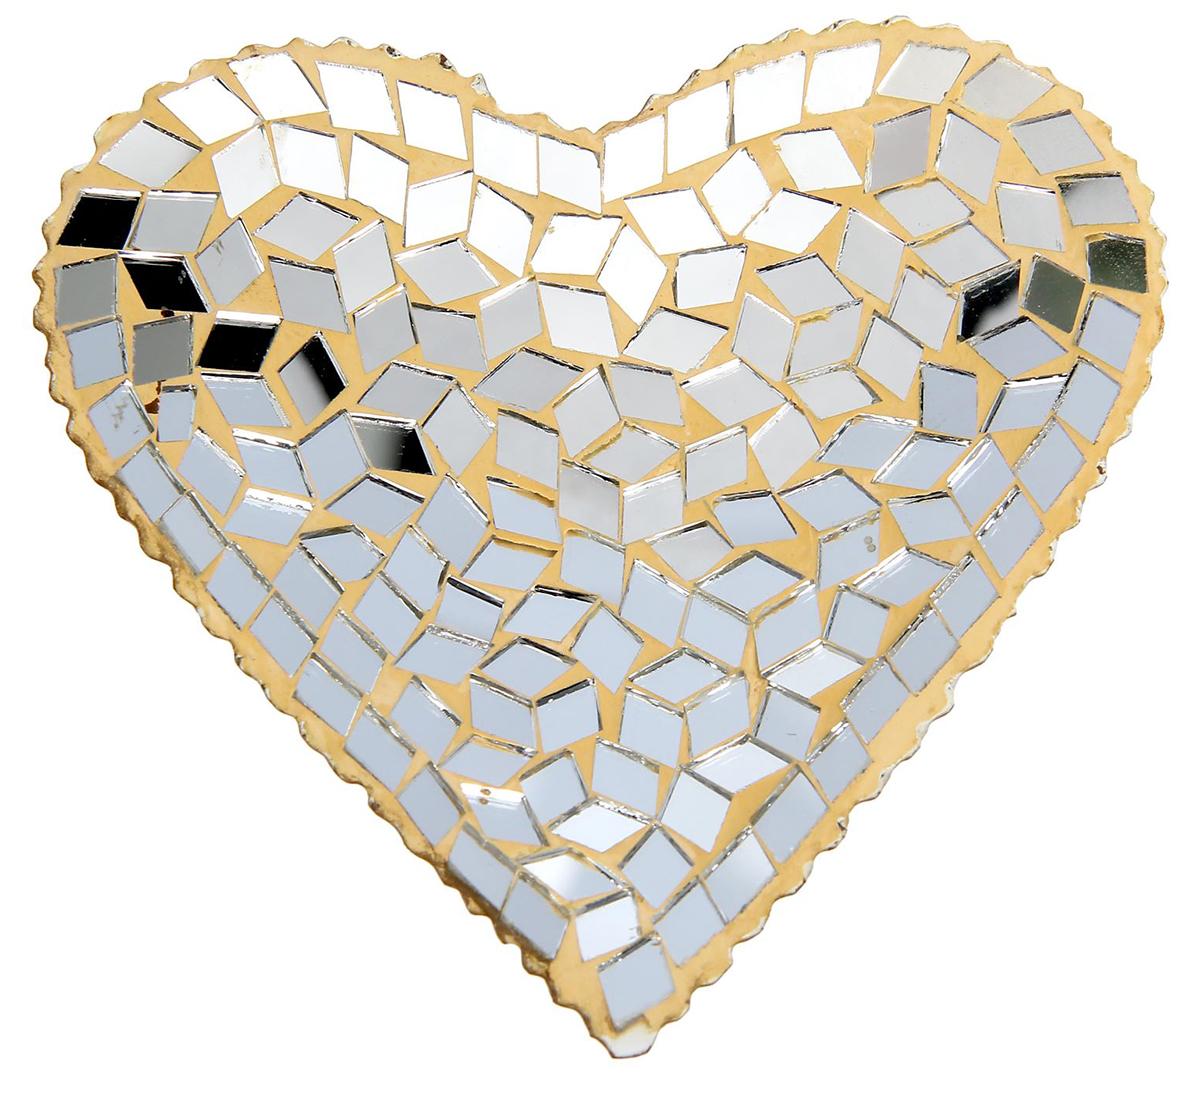 Подсвечник Сердце, цвет: золотистый, серебристый, 12 х 12 х 1,5 см1438641Подсвечник в форме сердца — хорошее приобретение для тех, кто хочет сделать свой вечер особенным! Стильный декор создаст романтическую атмосферу в доме и подойдет как для праздников, так и для тихих встреч со своей половинкой. Дополните его свечкой, и все вокруг замерцает миллионами бликов, принося вам хорошее настроение и эстетическое удовольствие.Порадуйте себя и своих близких!